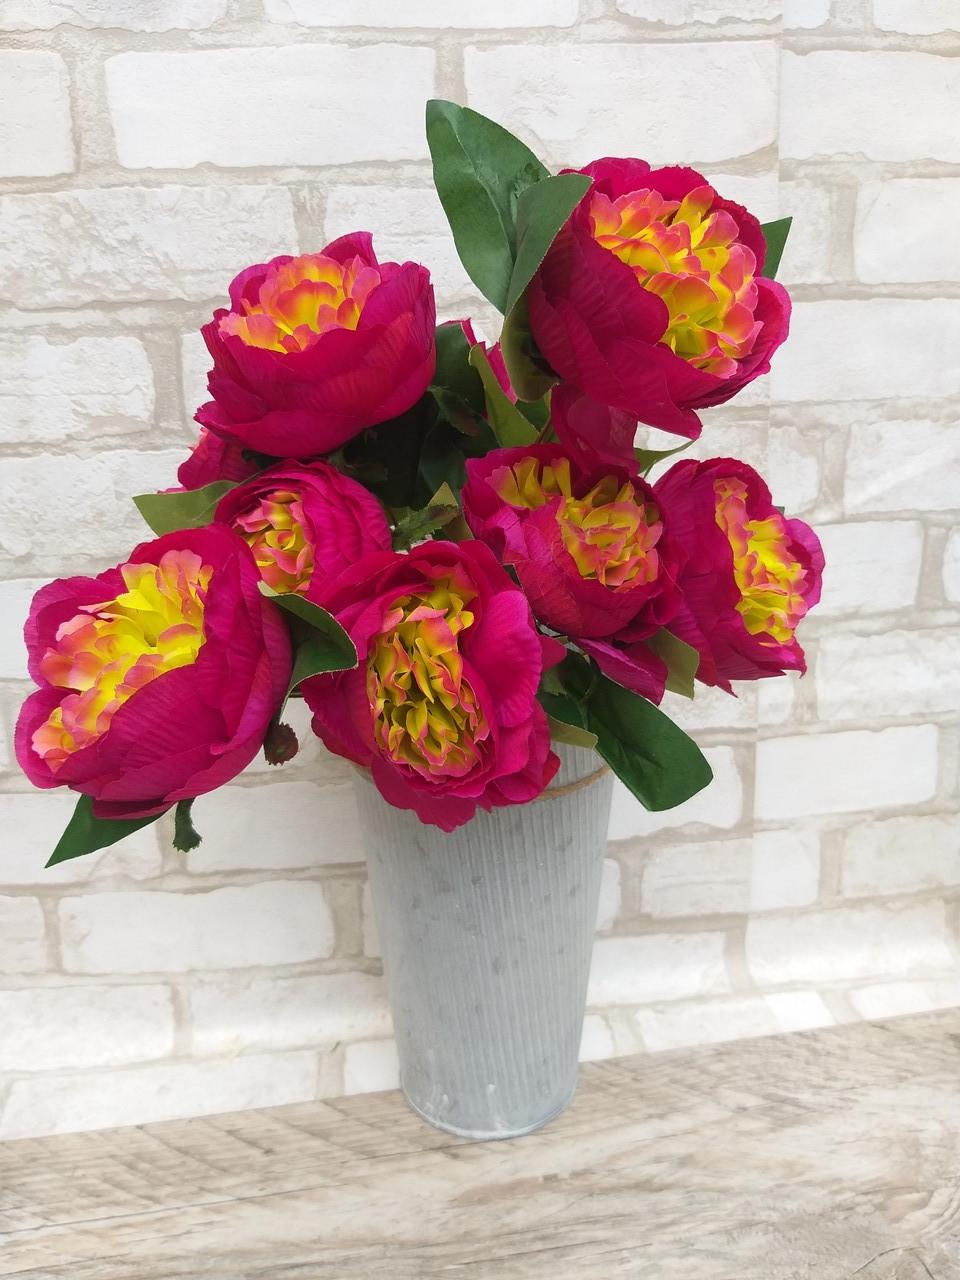 Розы искусственные для интерьера, 9 веточек, h-48см, 120 грн